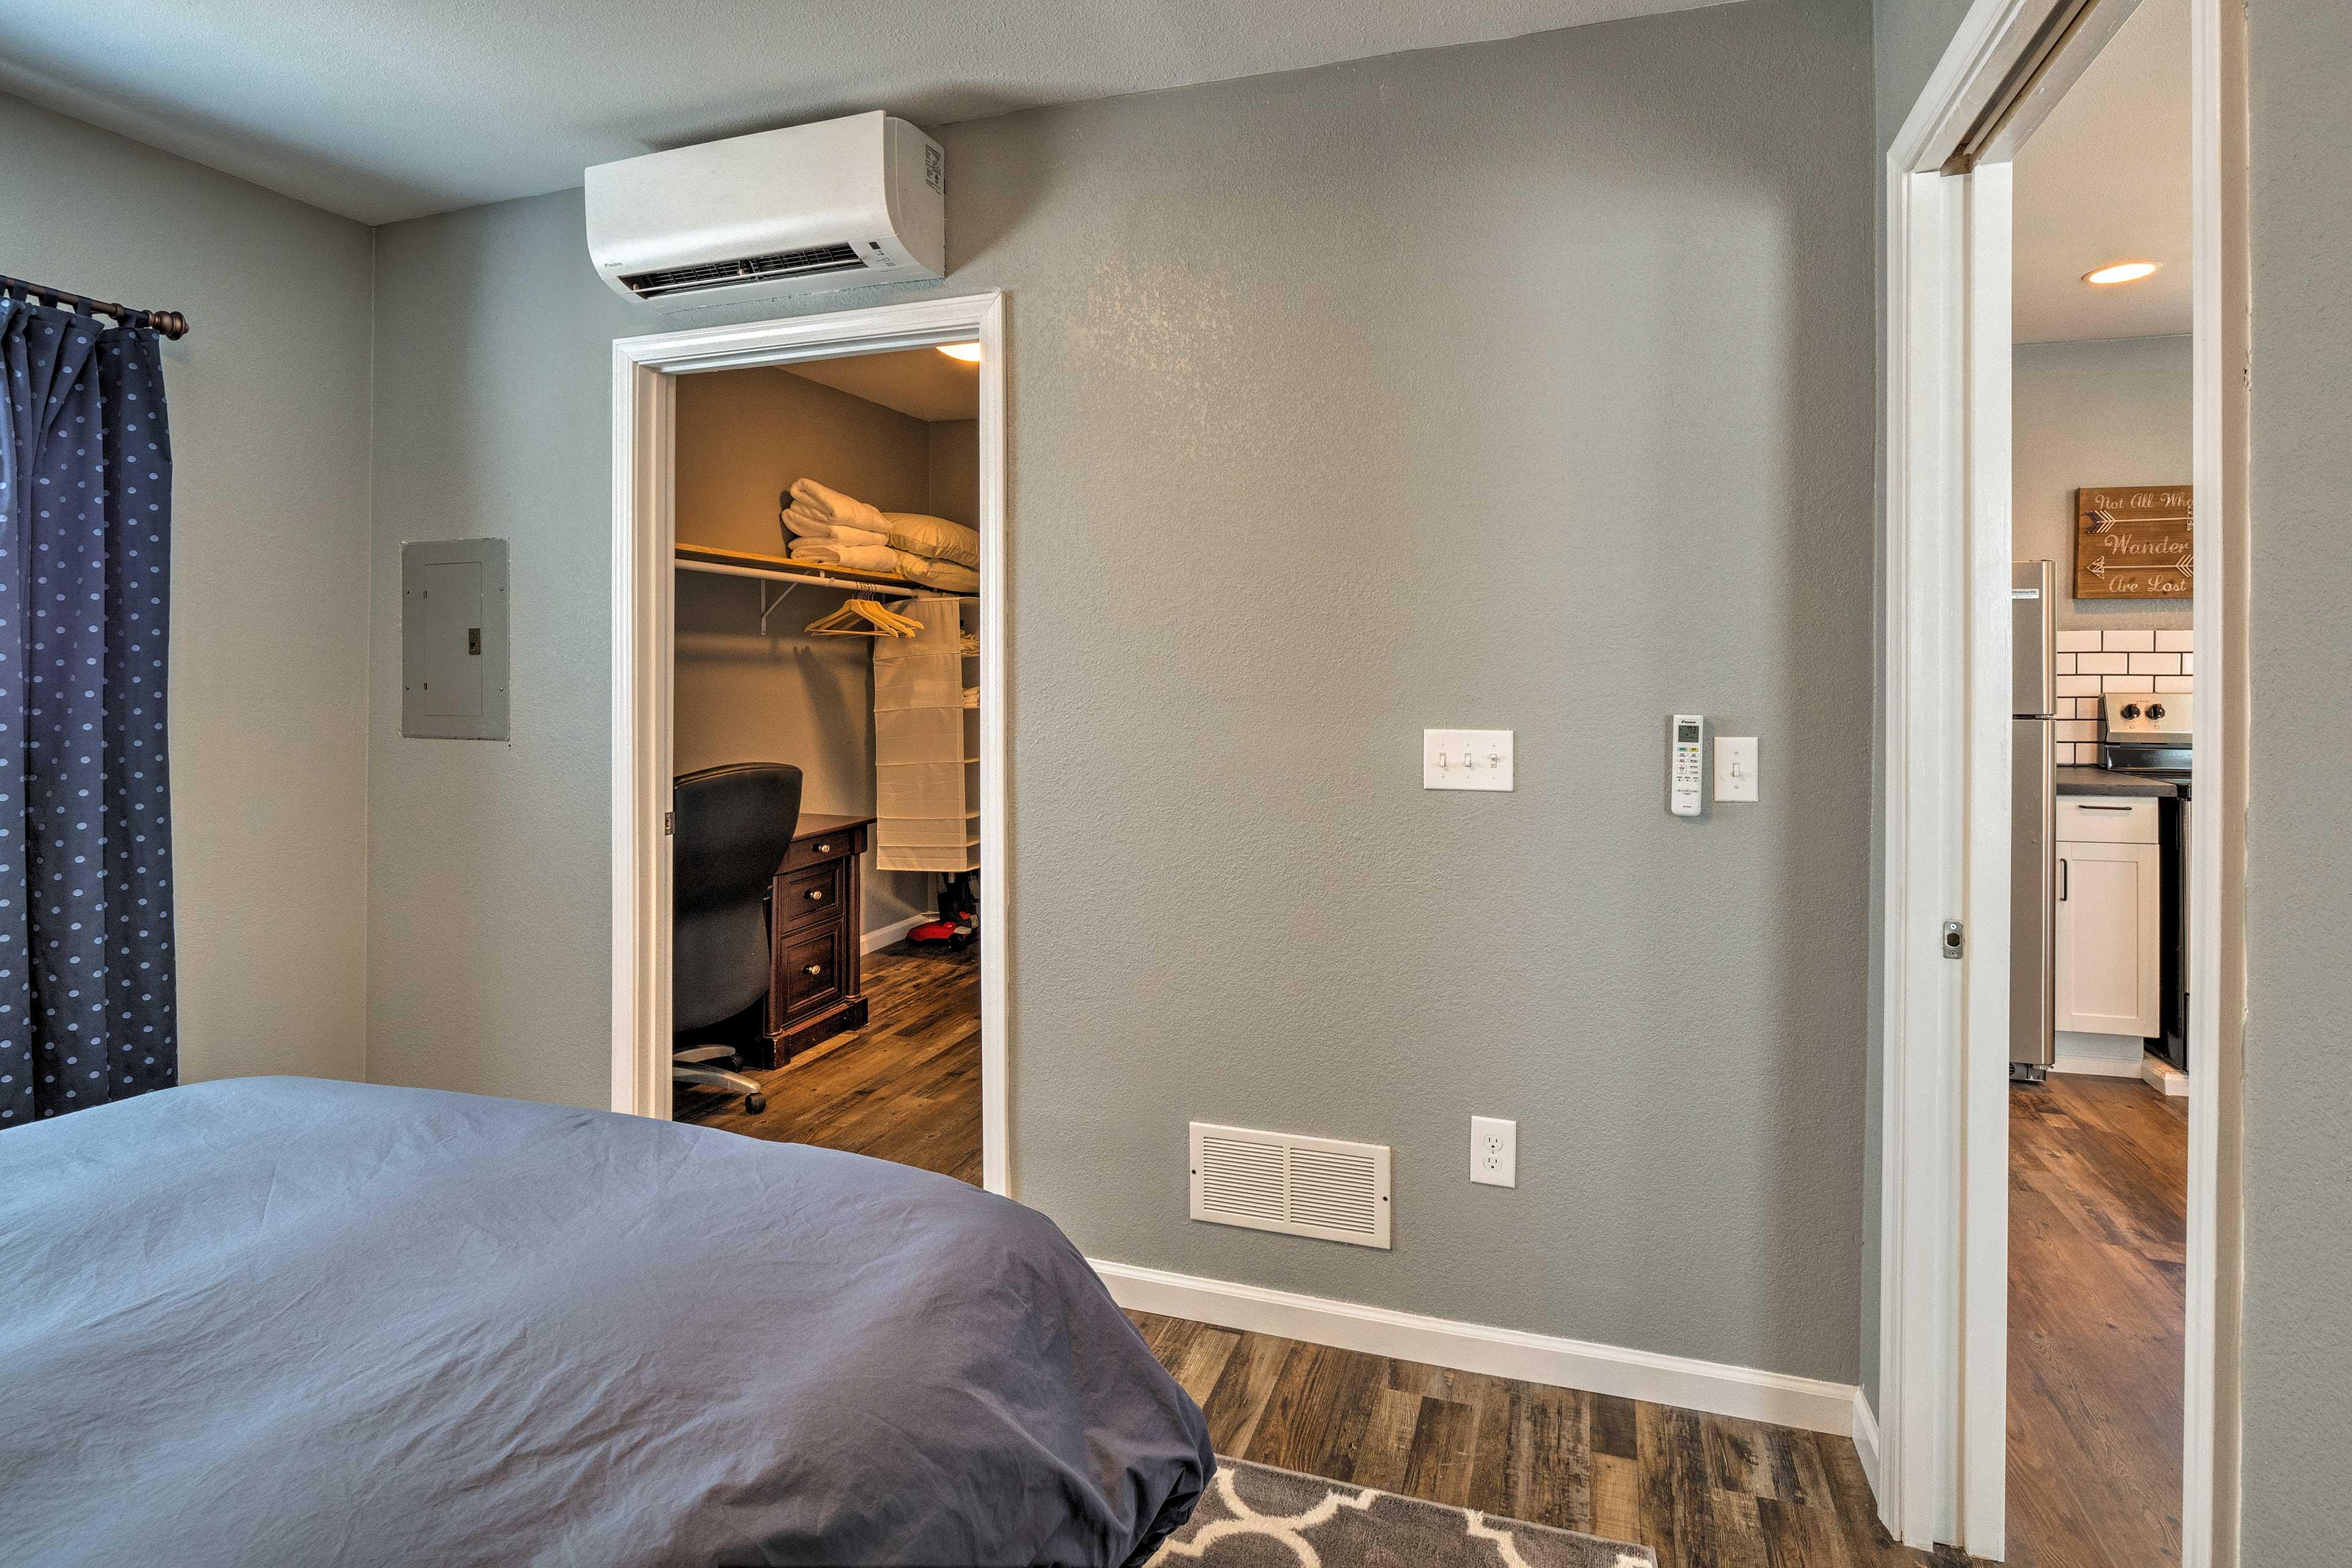 Bedroom | Walk-In Closet | Desk